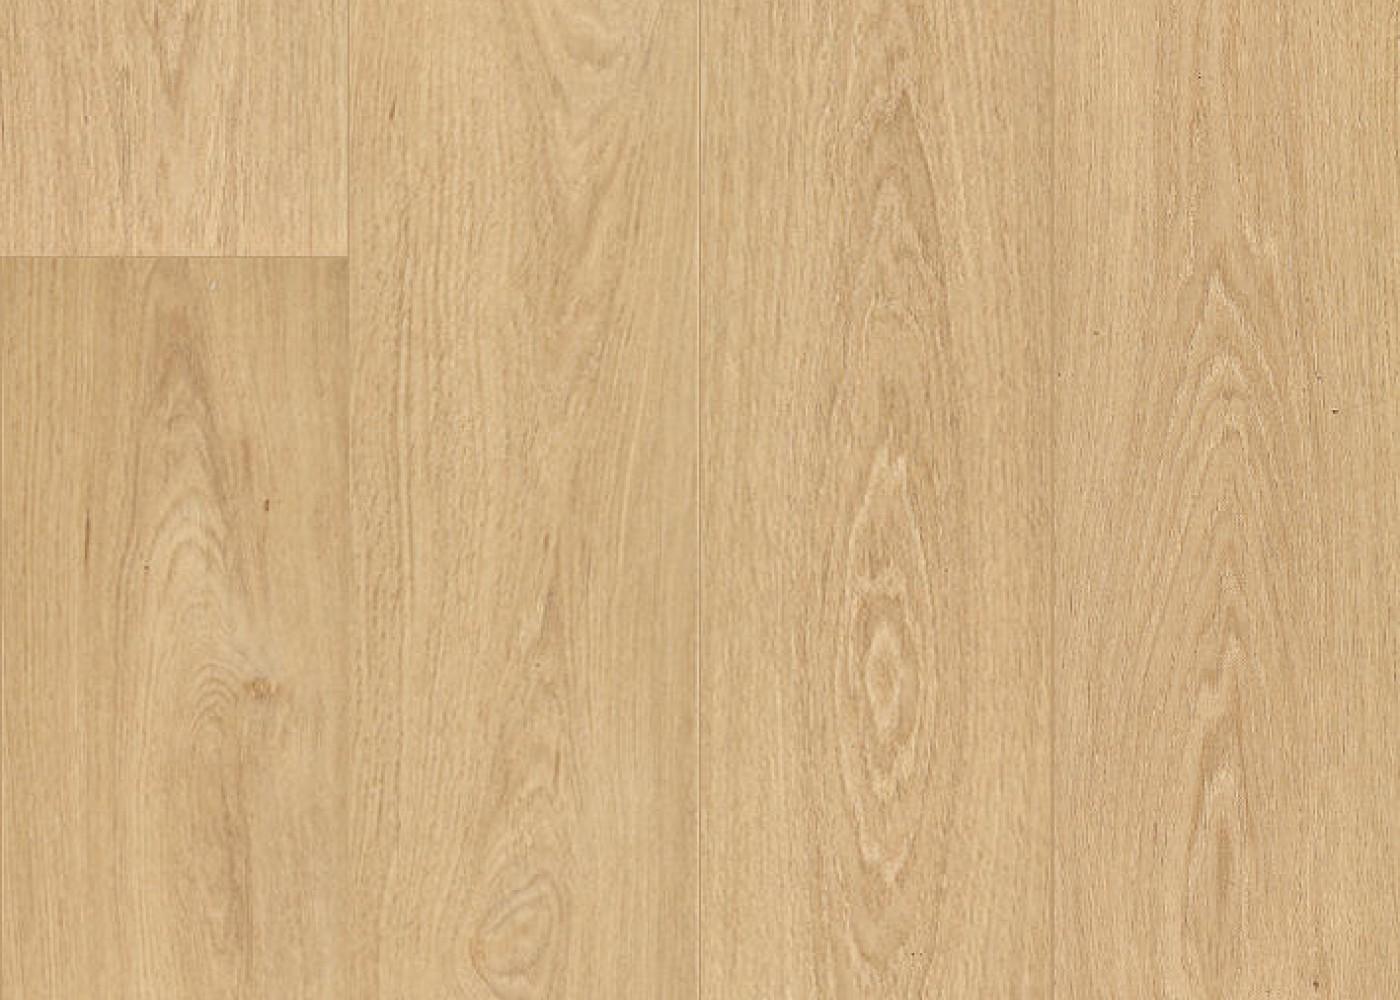 Vinyle rigide Chêne Tinte Parisienne passage commercial 4.5x225x1524